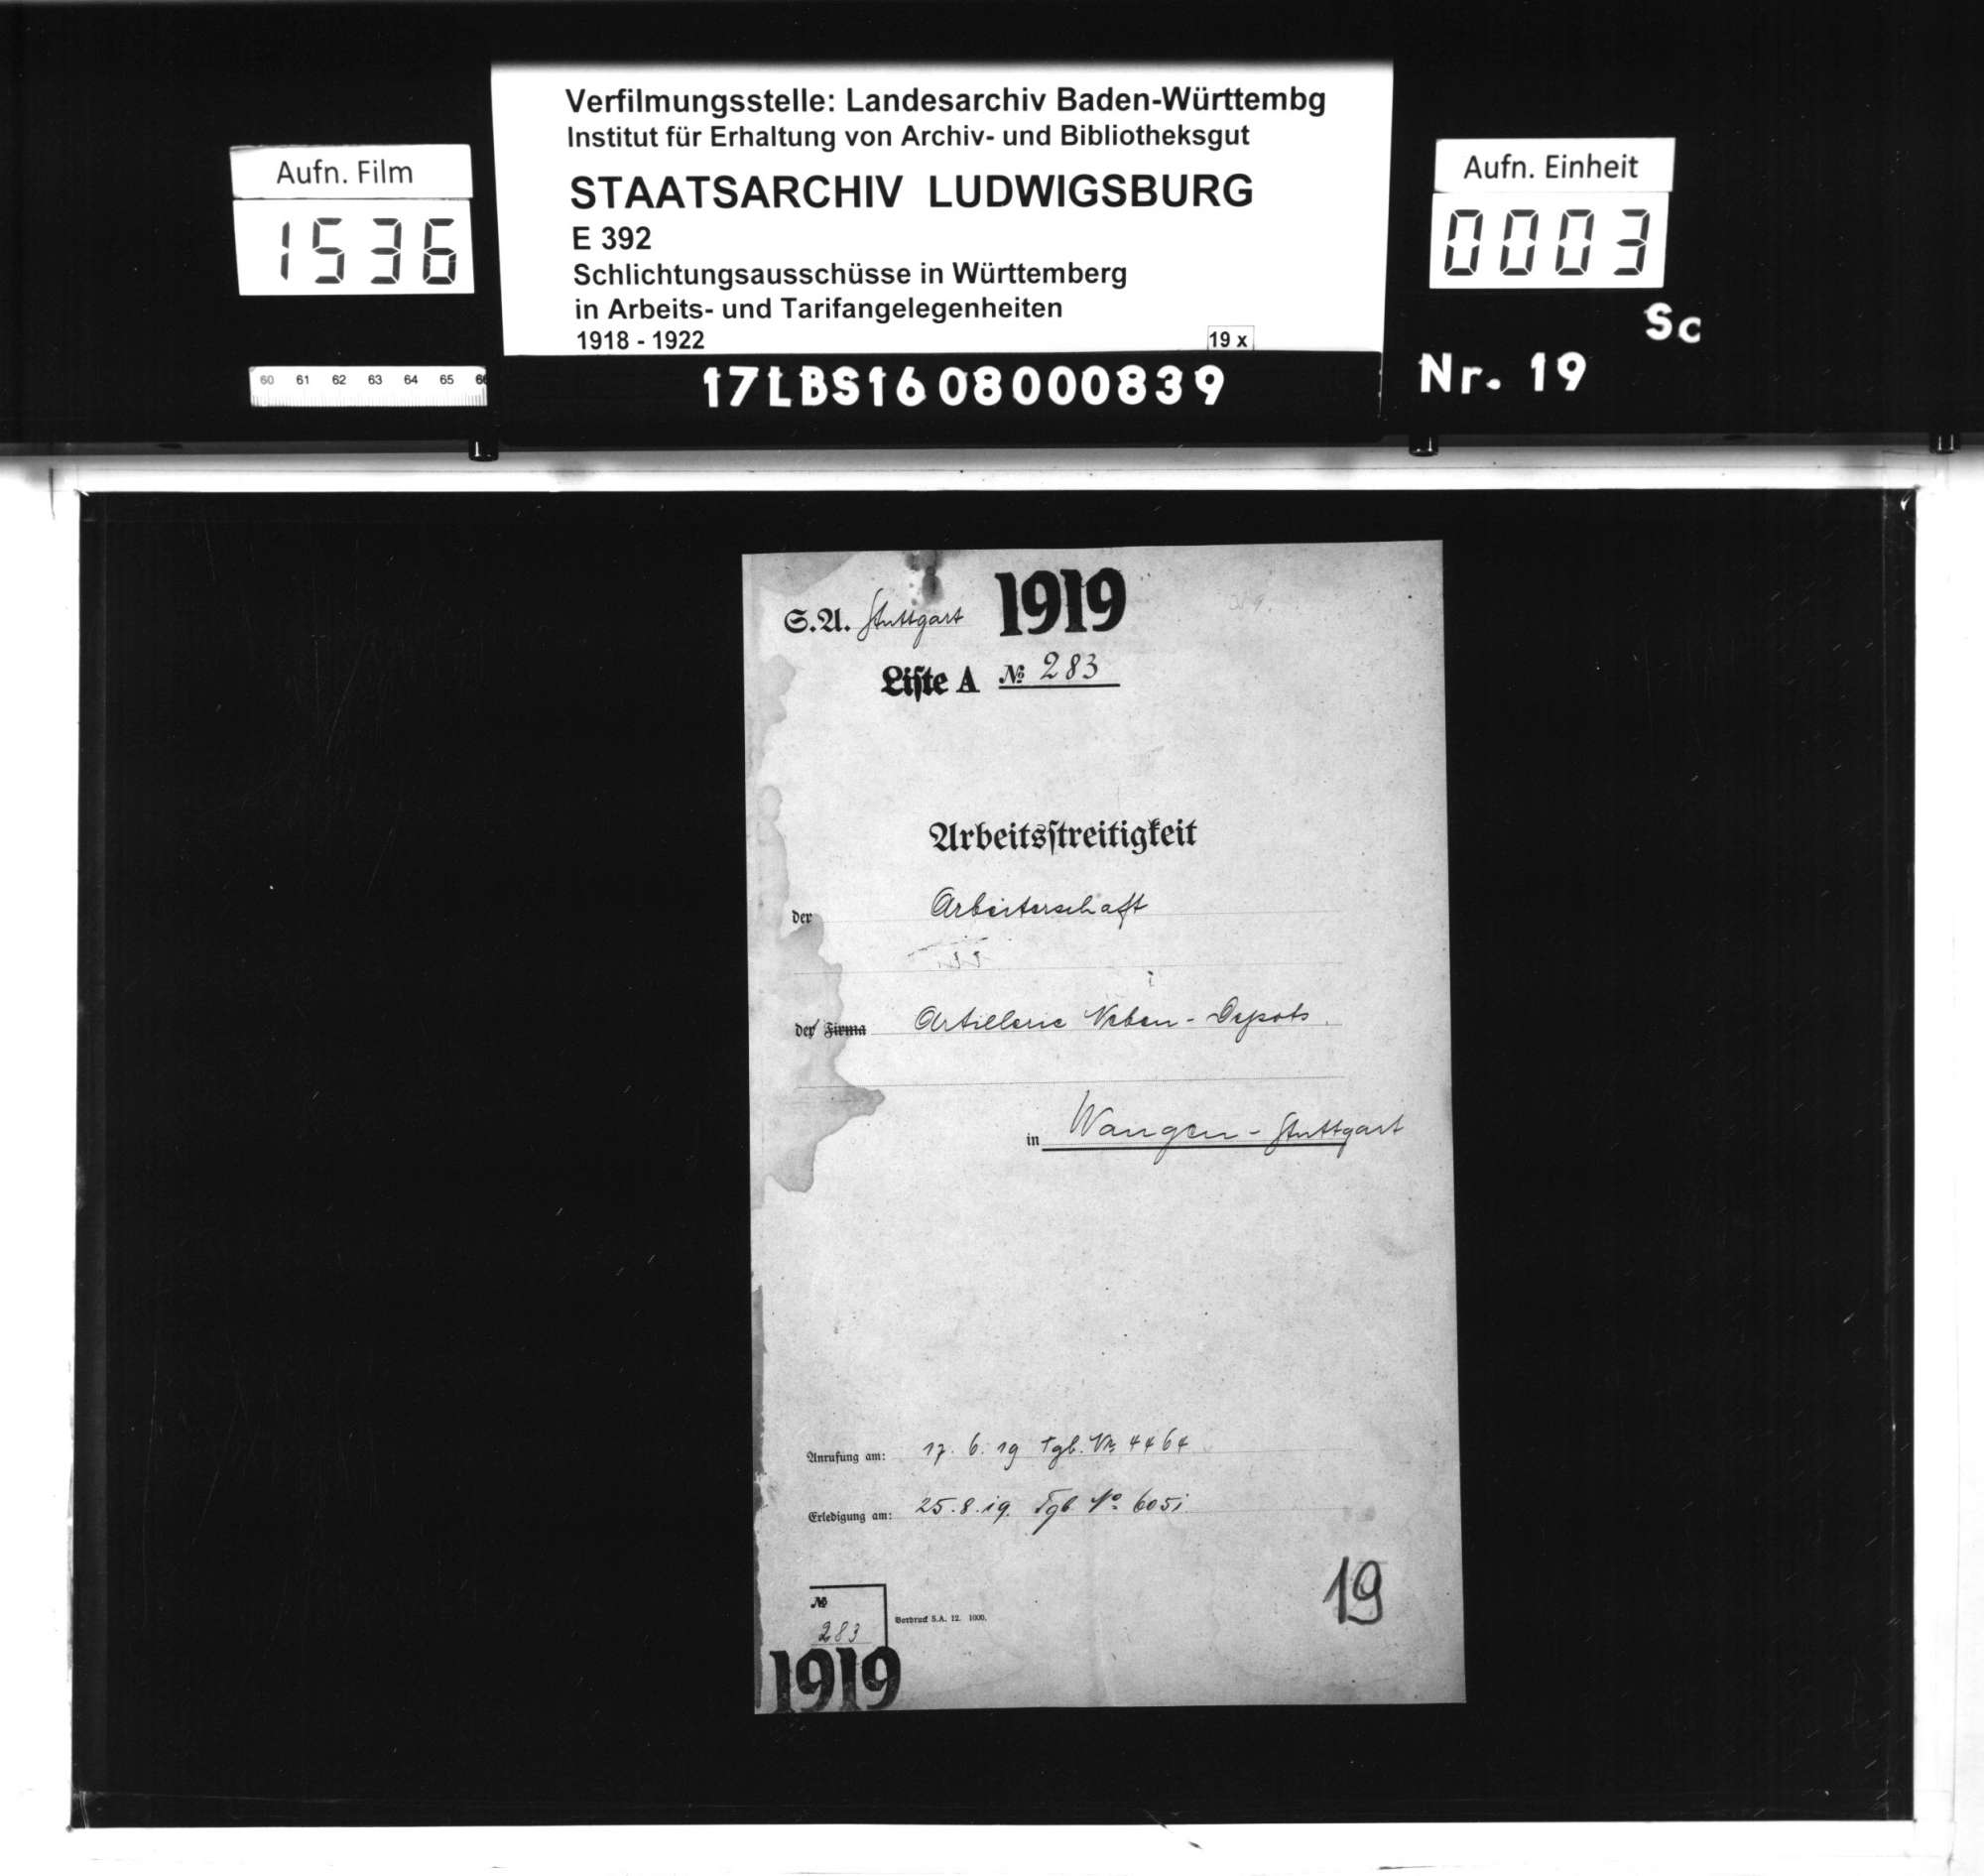 Arbeitsstreitigkeiten zwischen der Arbeiterschaft des Neben-Artilleriedepots Stuttgart Wangen und der Artillerie- und Traindepot-Direktion Stuttgart bzw. dem württembergischen Kriegsministerium wegen ausgebliebener Lohnfortzahlung während des Generalstreiks vom 31. März bis 7. April 1919, Bild 1